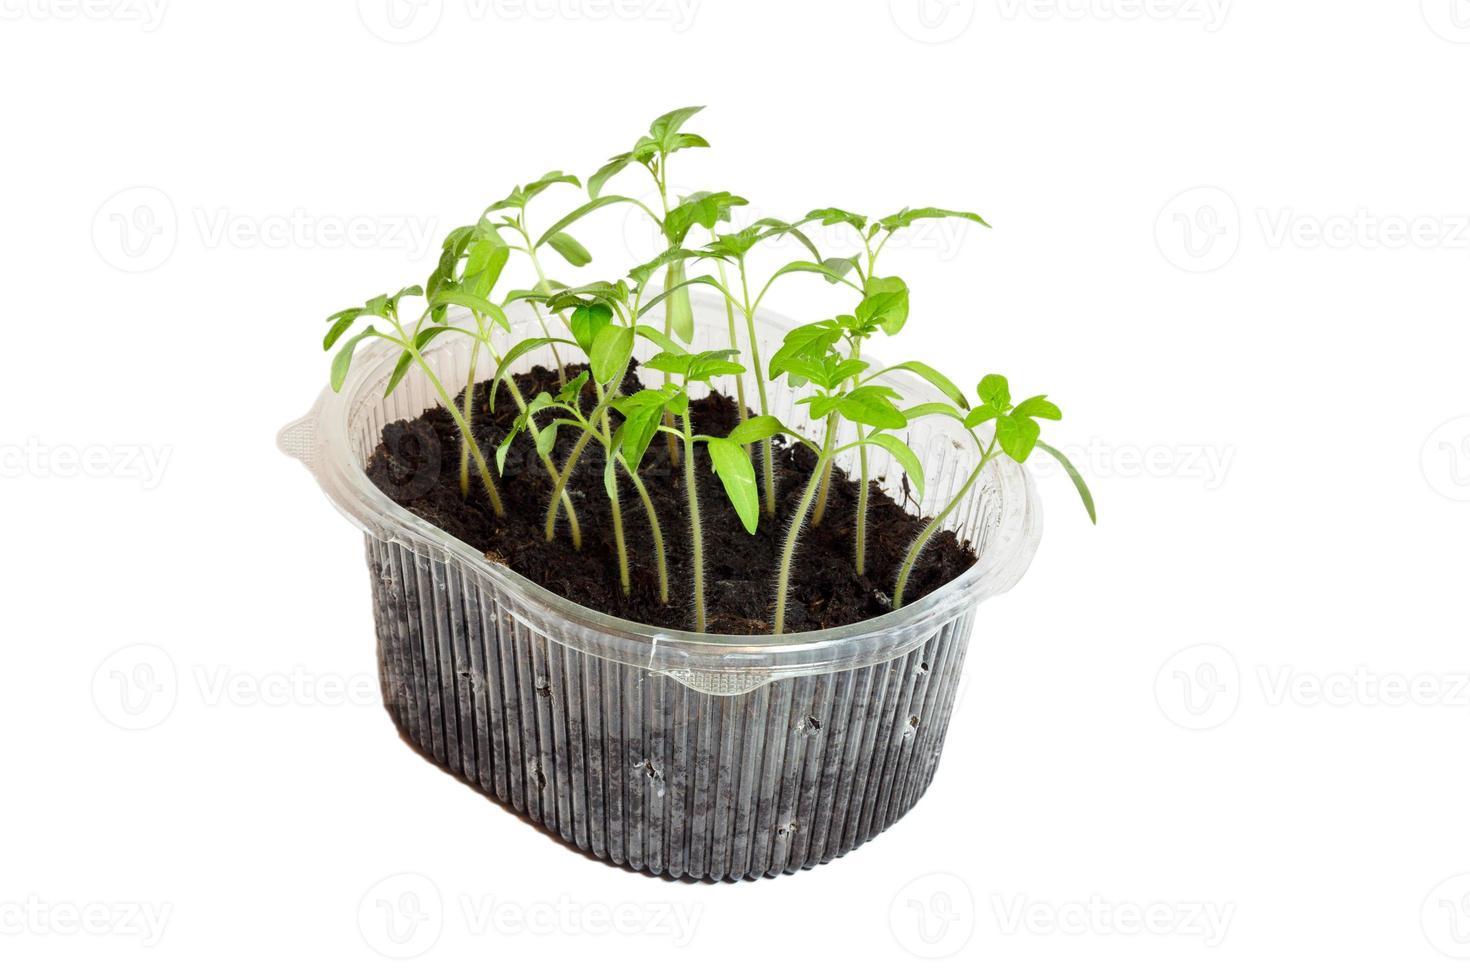 Sämlinge von Tomaten in der Box. foto